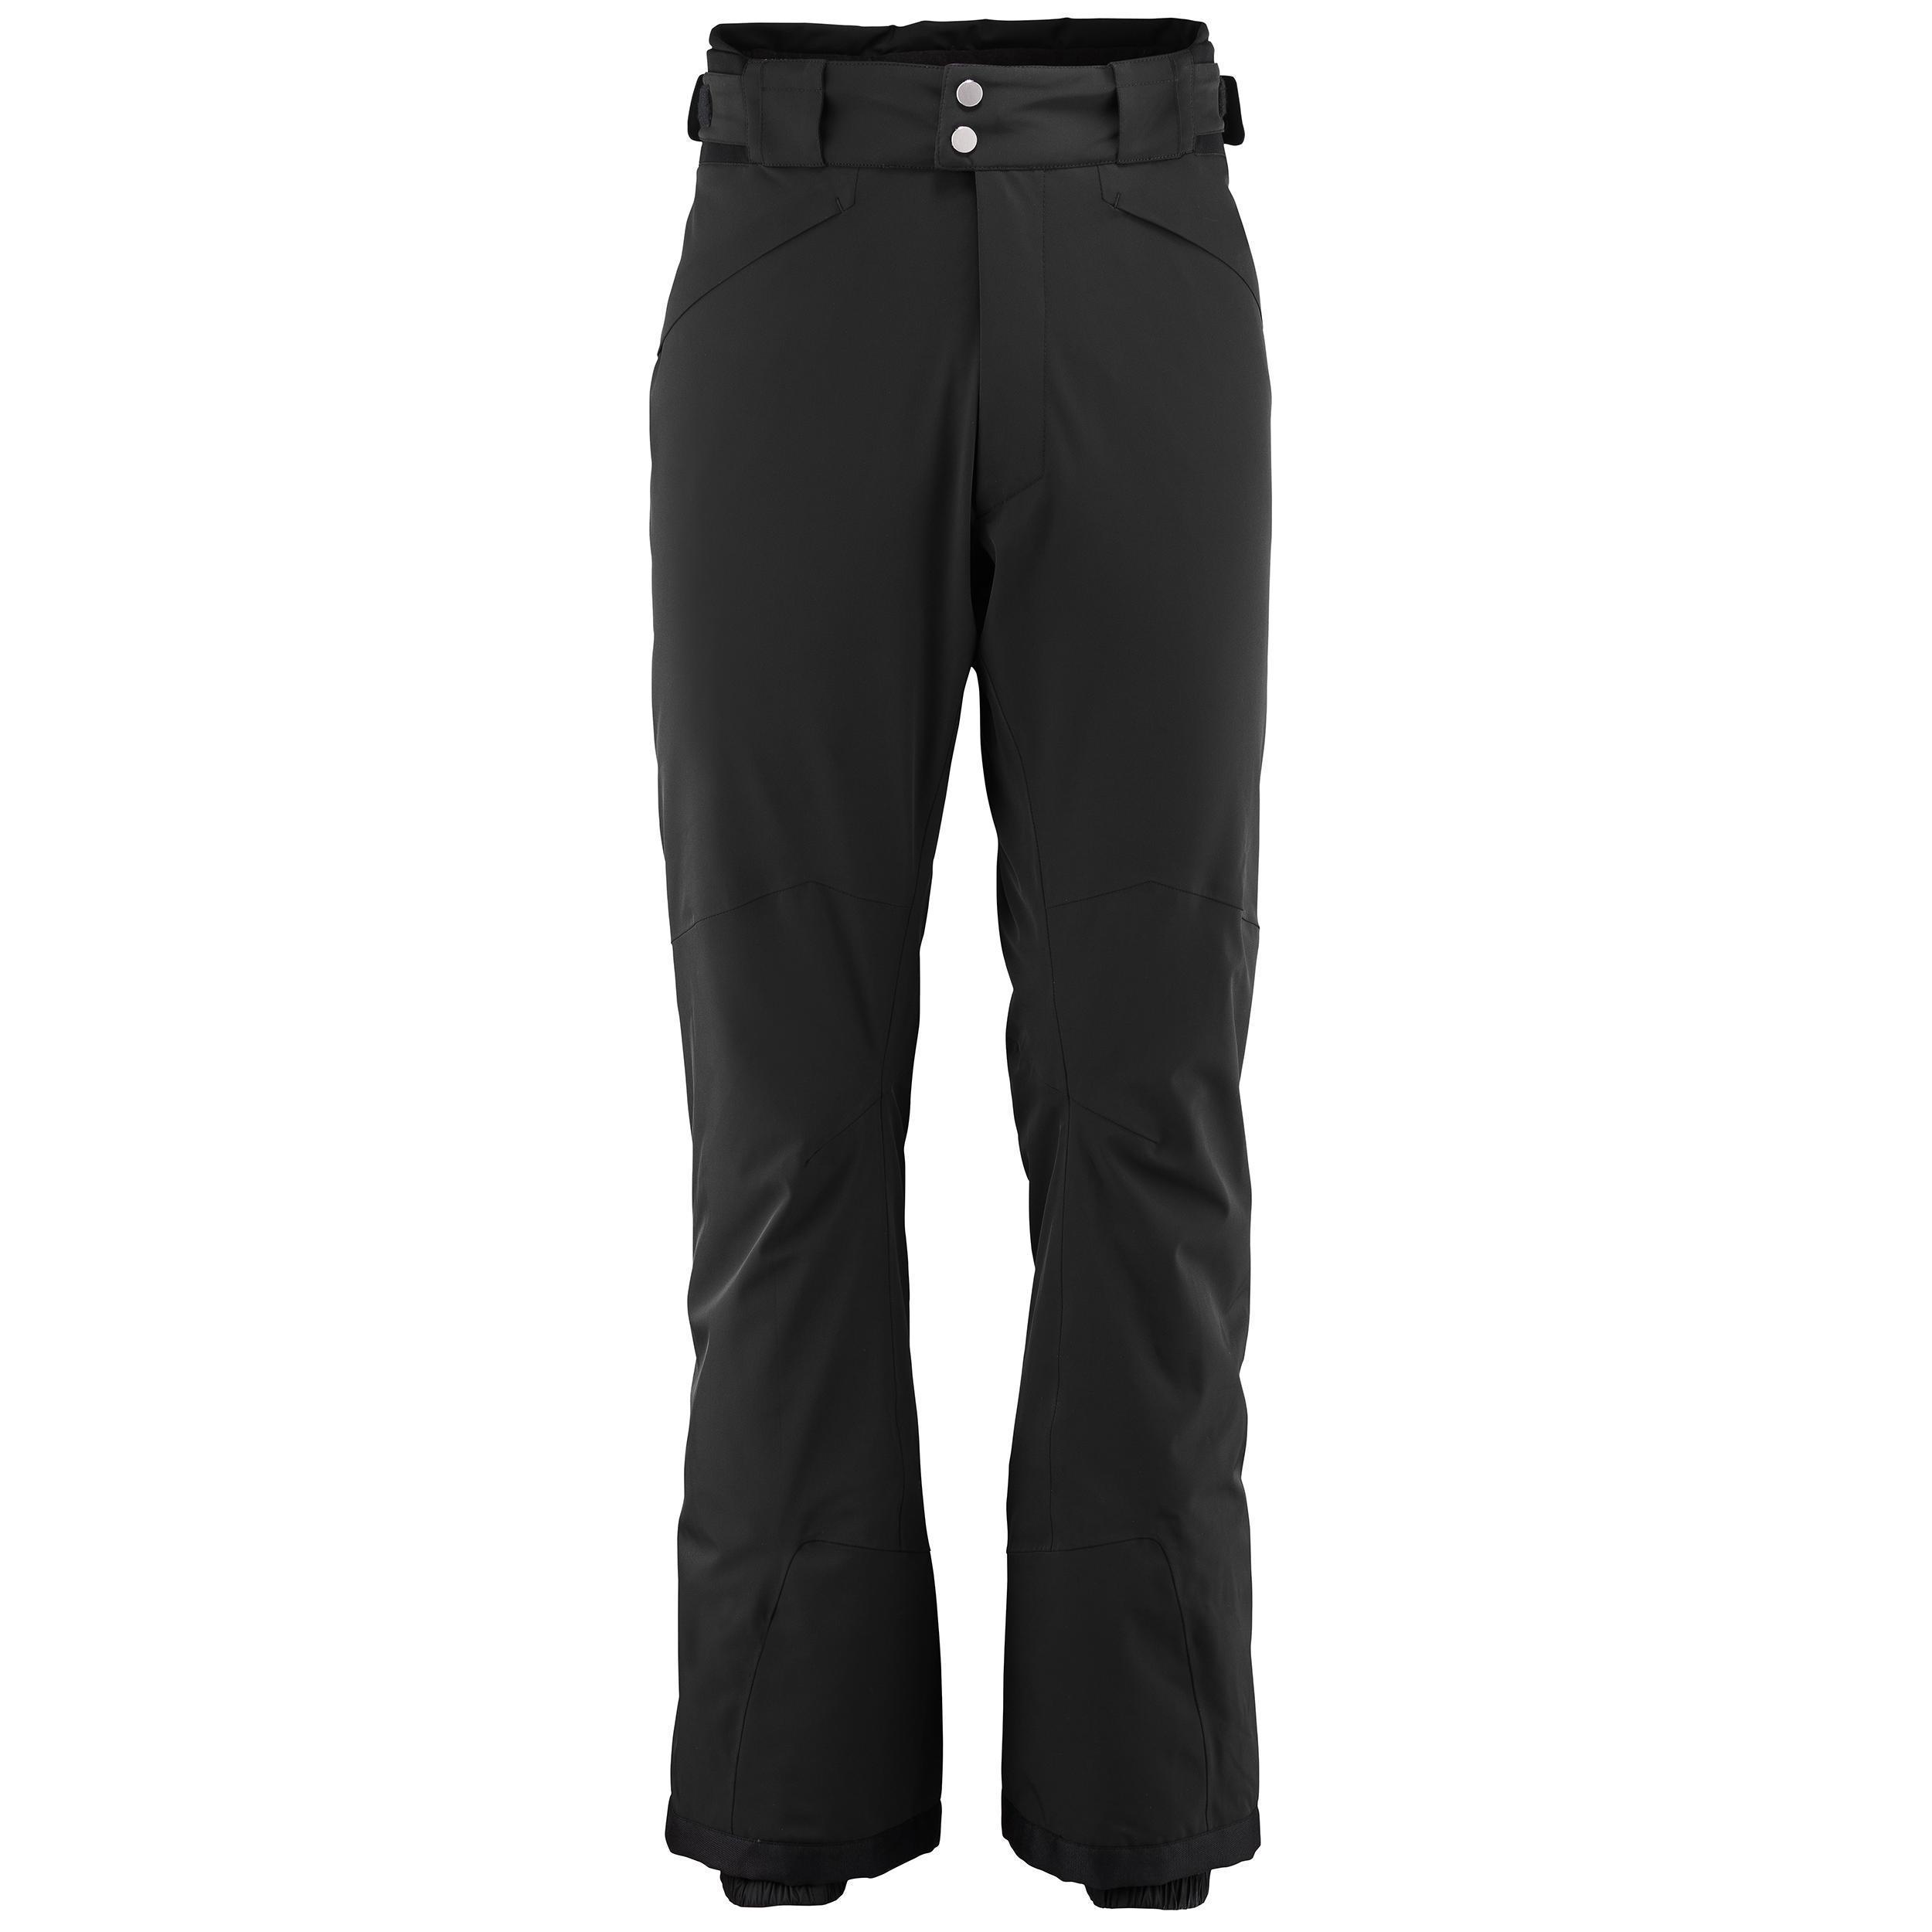 Купить Брюки горнолыжные Killy 2013-14 STRATUS 4W M PANT BLACK NIGHT (чёрный) Одежда горнолыжная 1024962